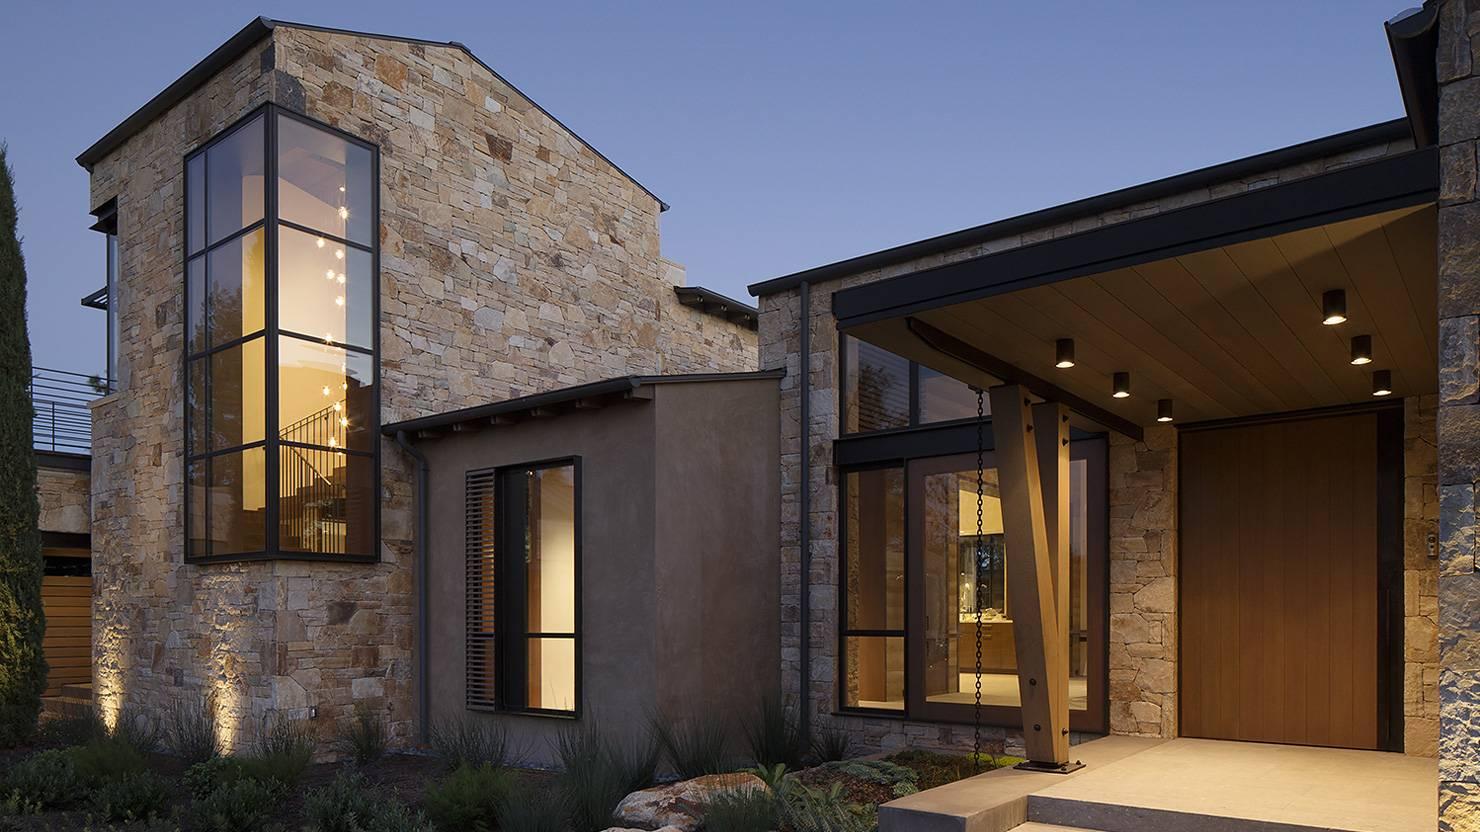 serramenti-acciaio-zincato-villa-patio-frederika-moller-landscape-architecture-3_project_big